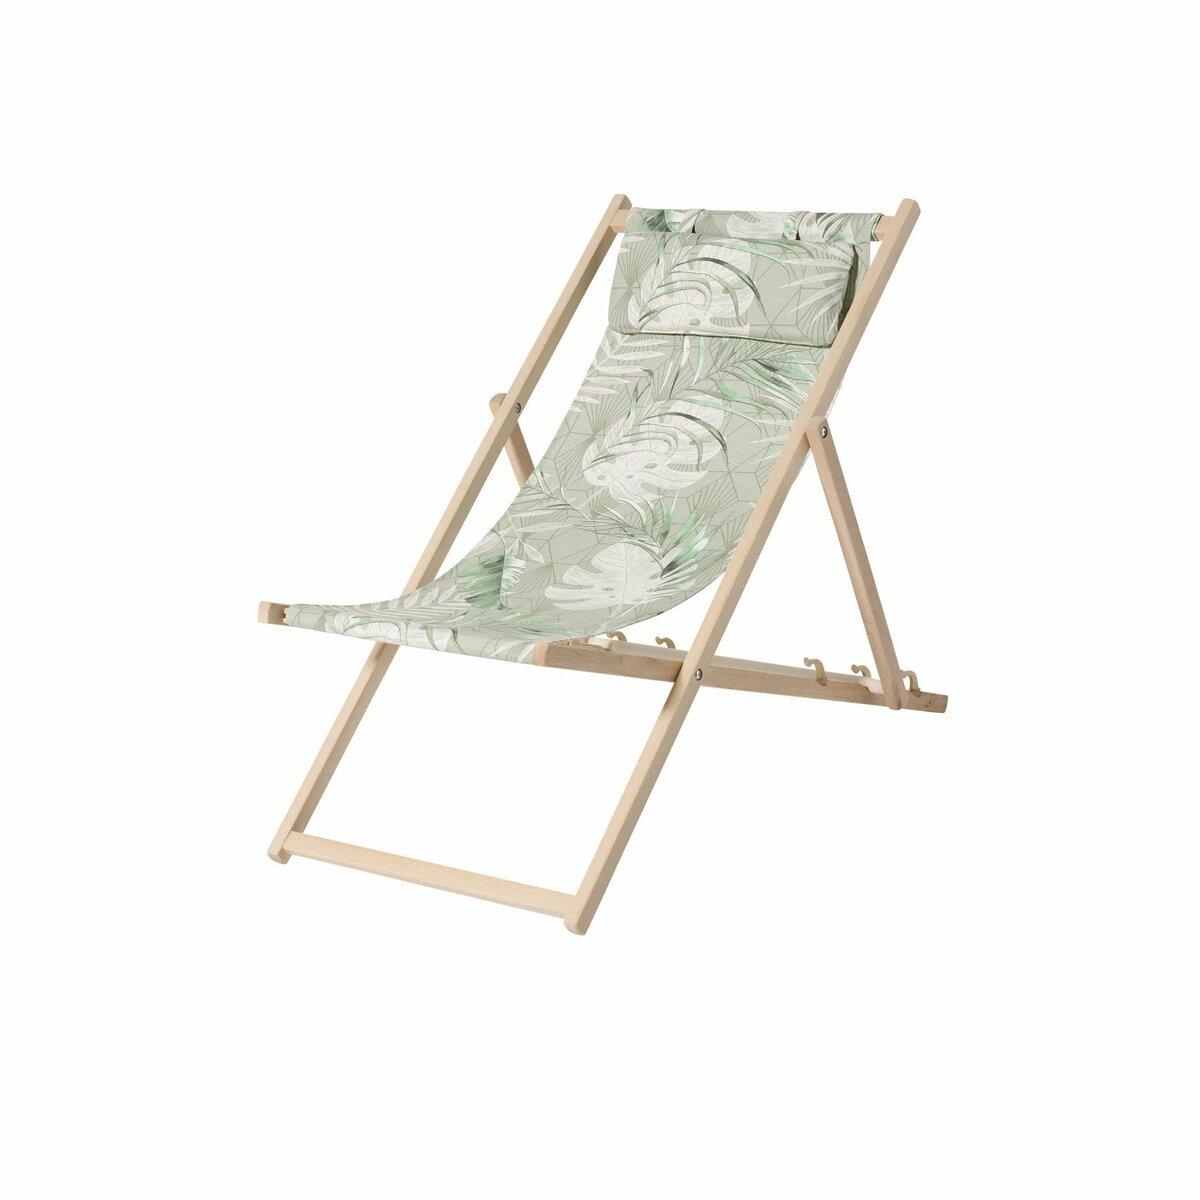 Bild 1 von Strandstuhl   Dotan green